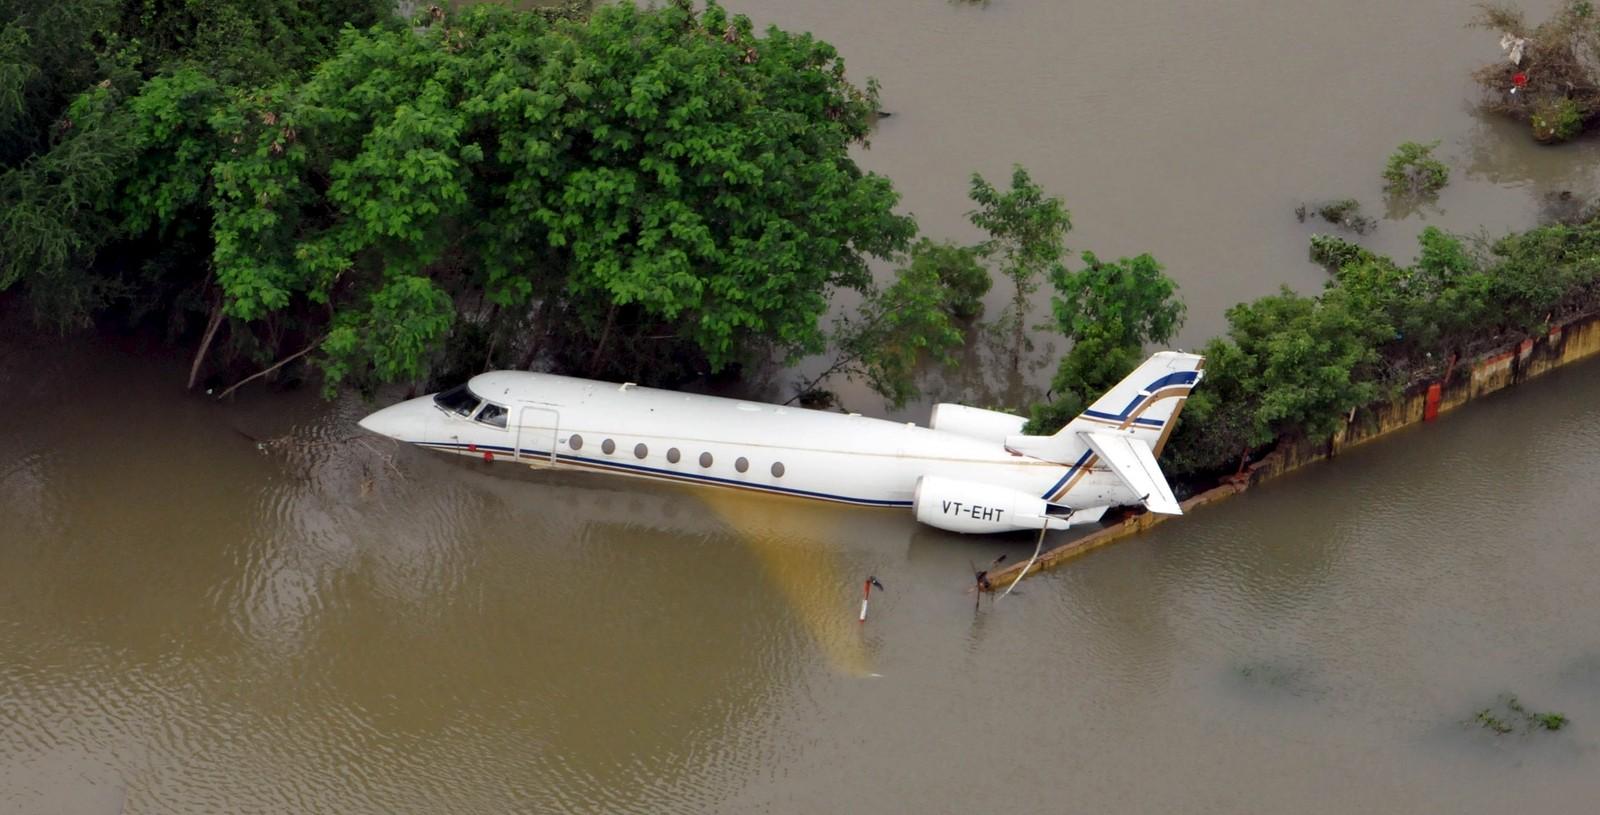 Et fly halvt dekket av vann i Chennai. Dette er det kraftigste regnfallet på hundre år i delstaten Tamil Nadu i India.